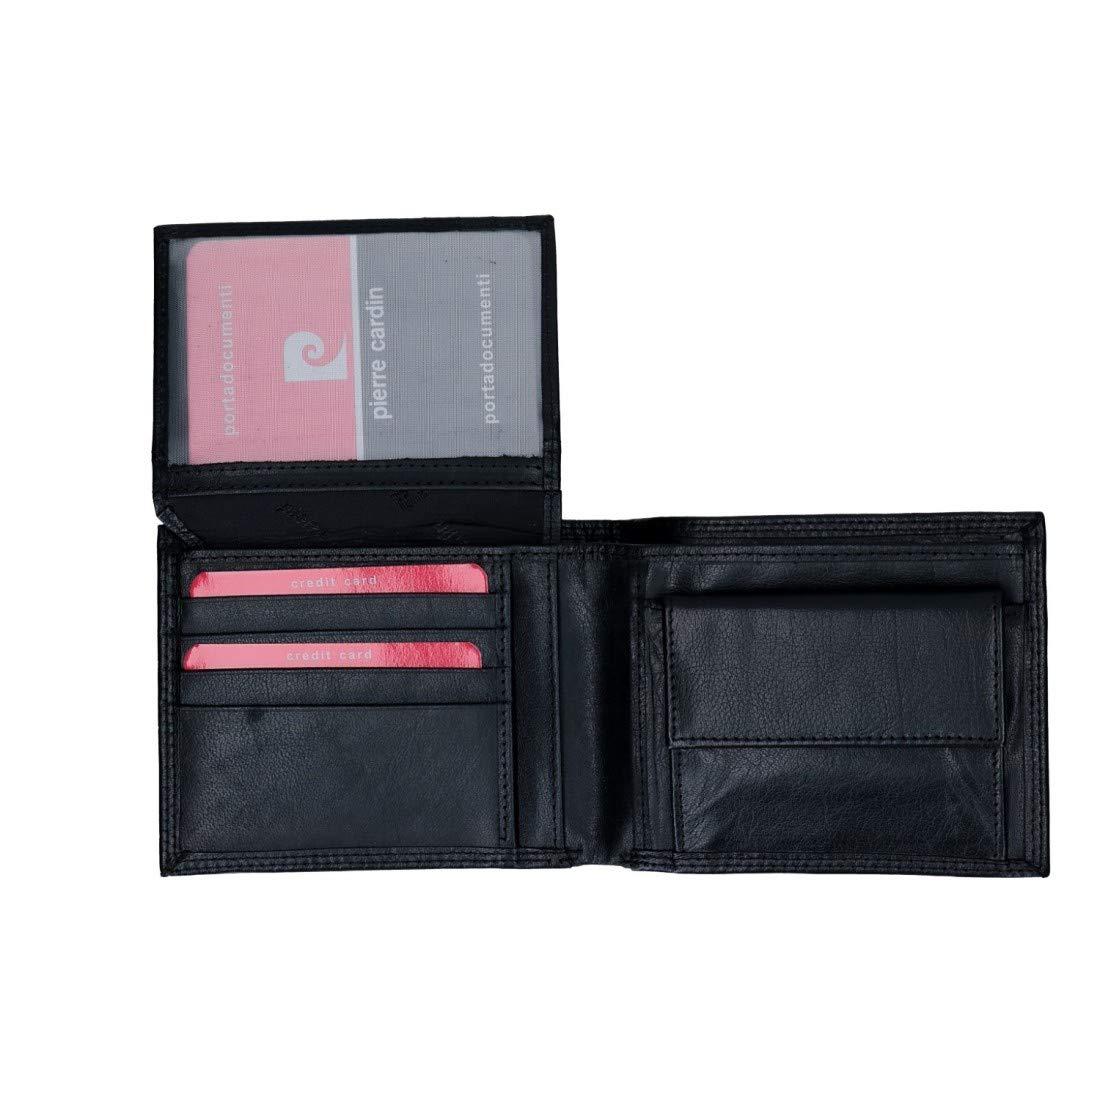 PIERRE CARDIN cartera hombre cuero negro con monedero y solapa VA2742: Amazon.es: Ropa y accesorios